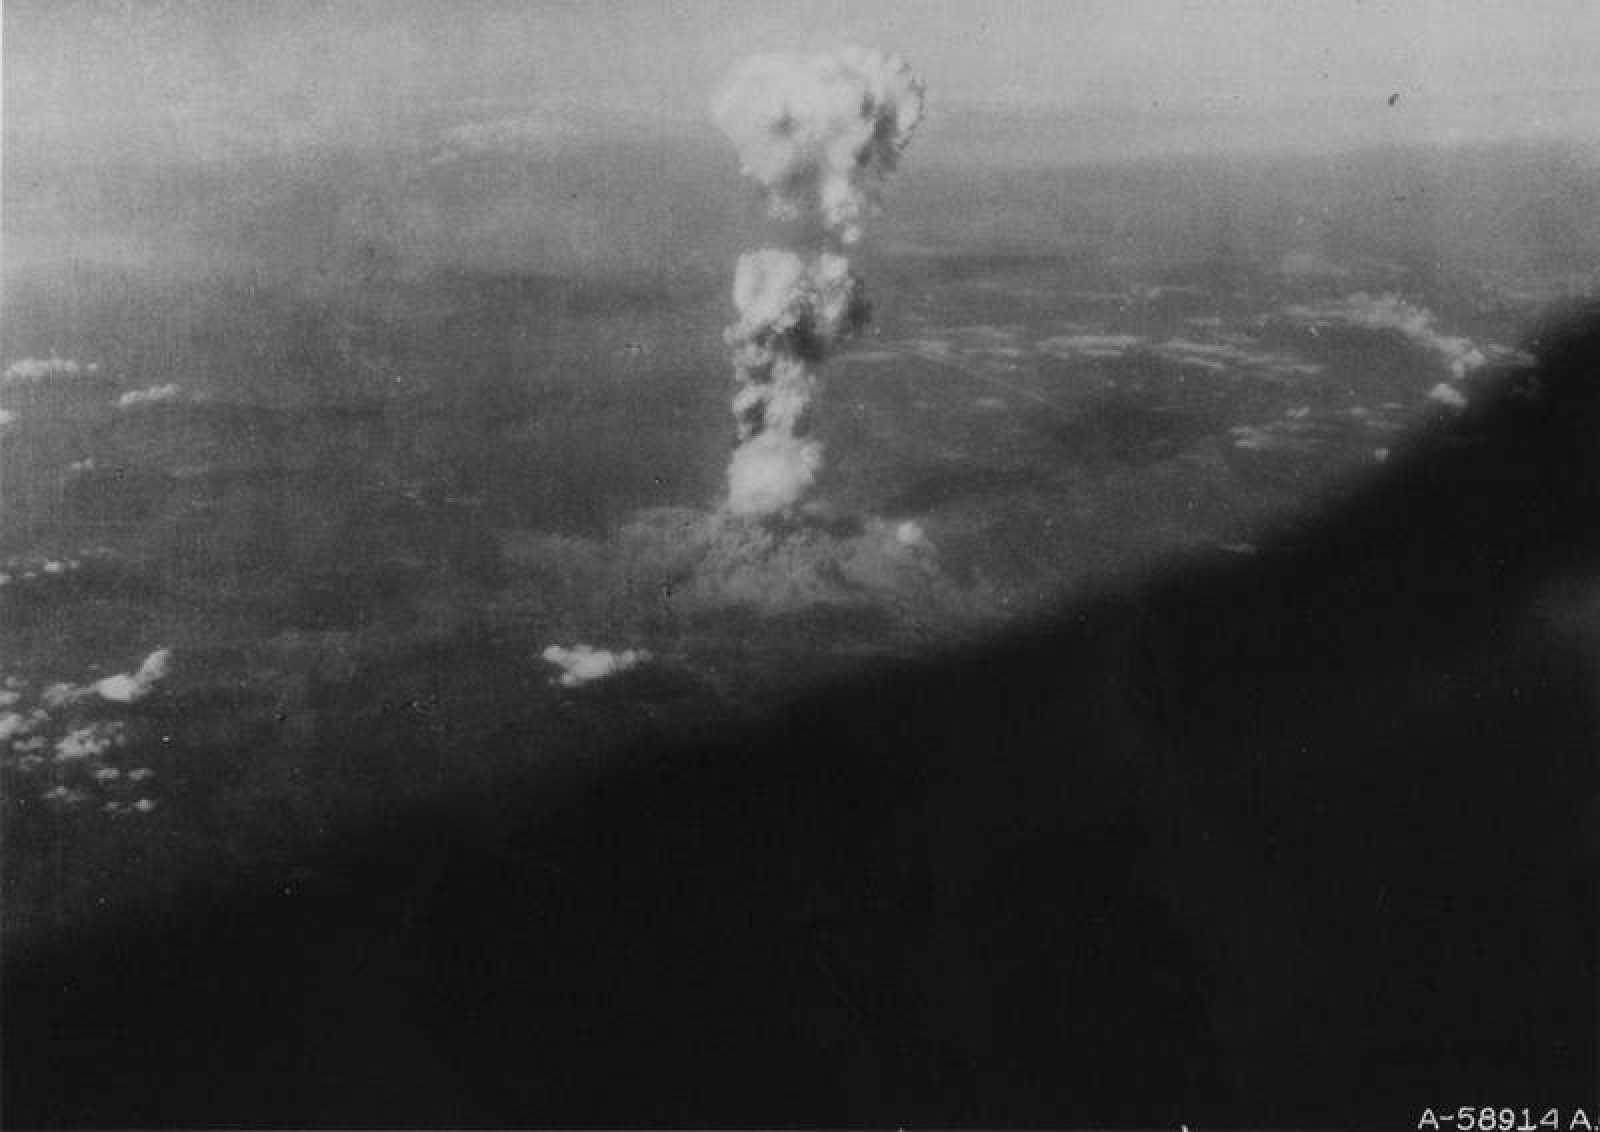 Publican fotos inéditas de Hiroshima tras el lanzamiento de la ...